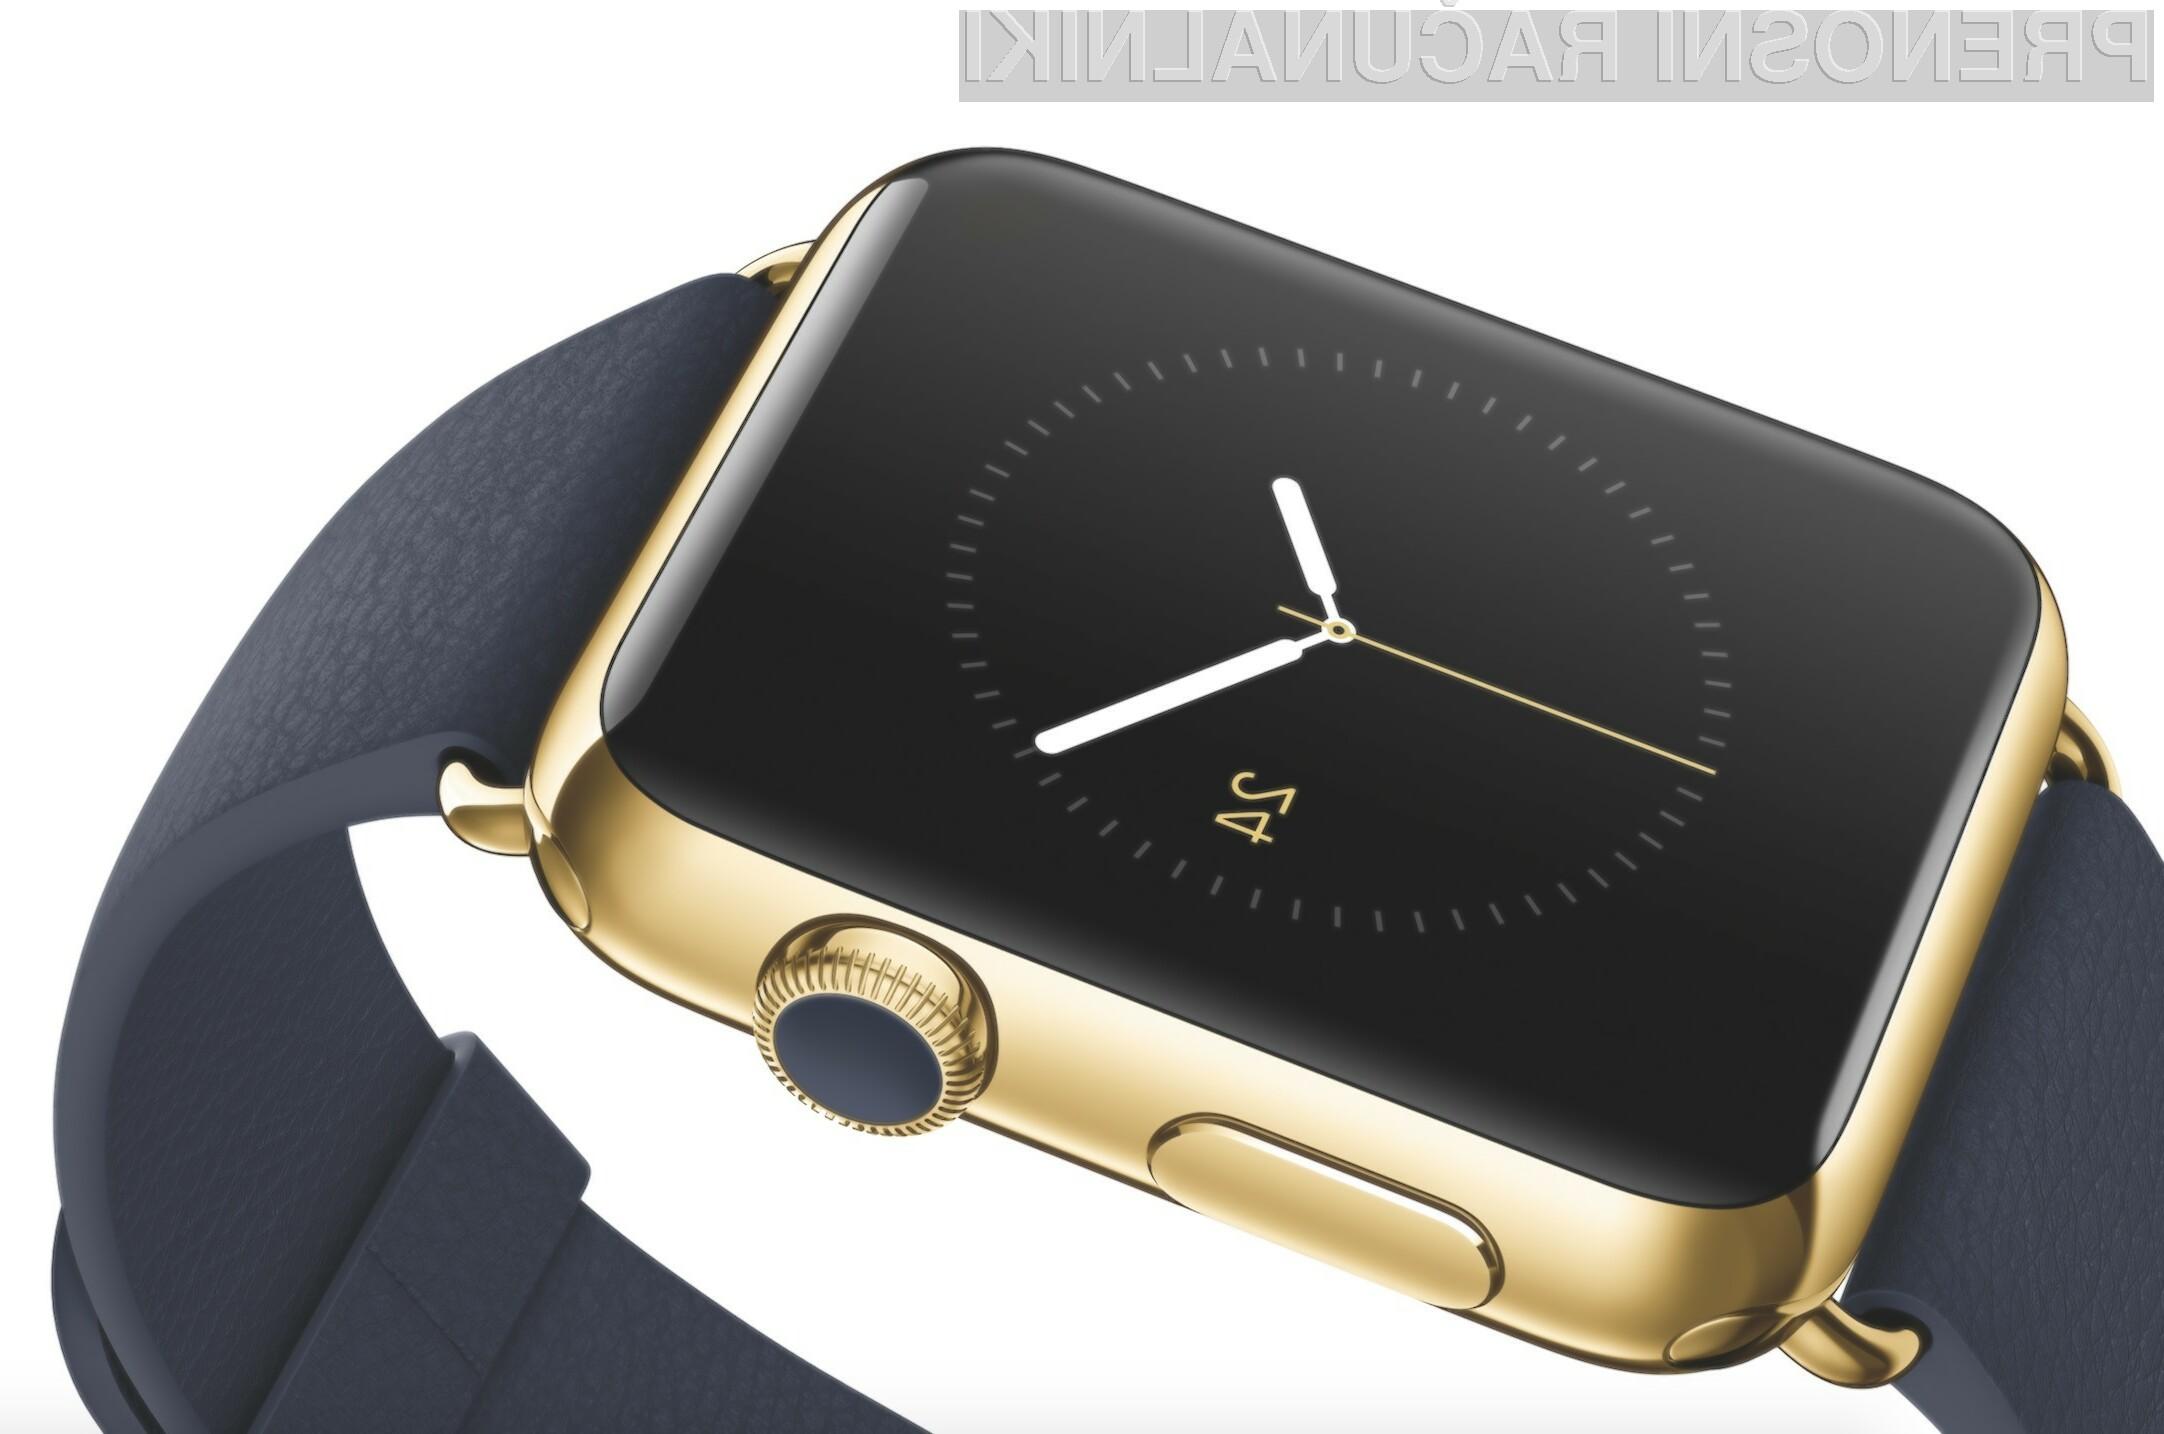 Slabo povpraševanje po pametni ročni uri Apple Watch!